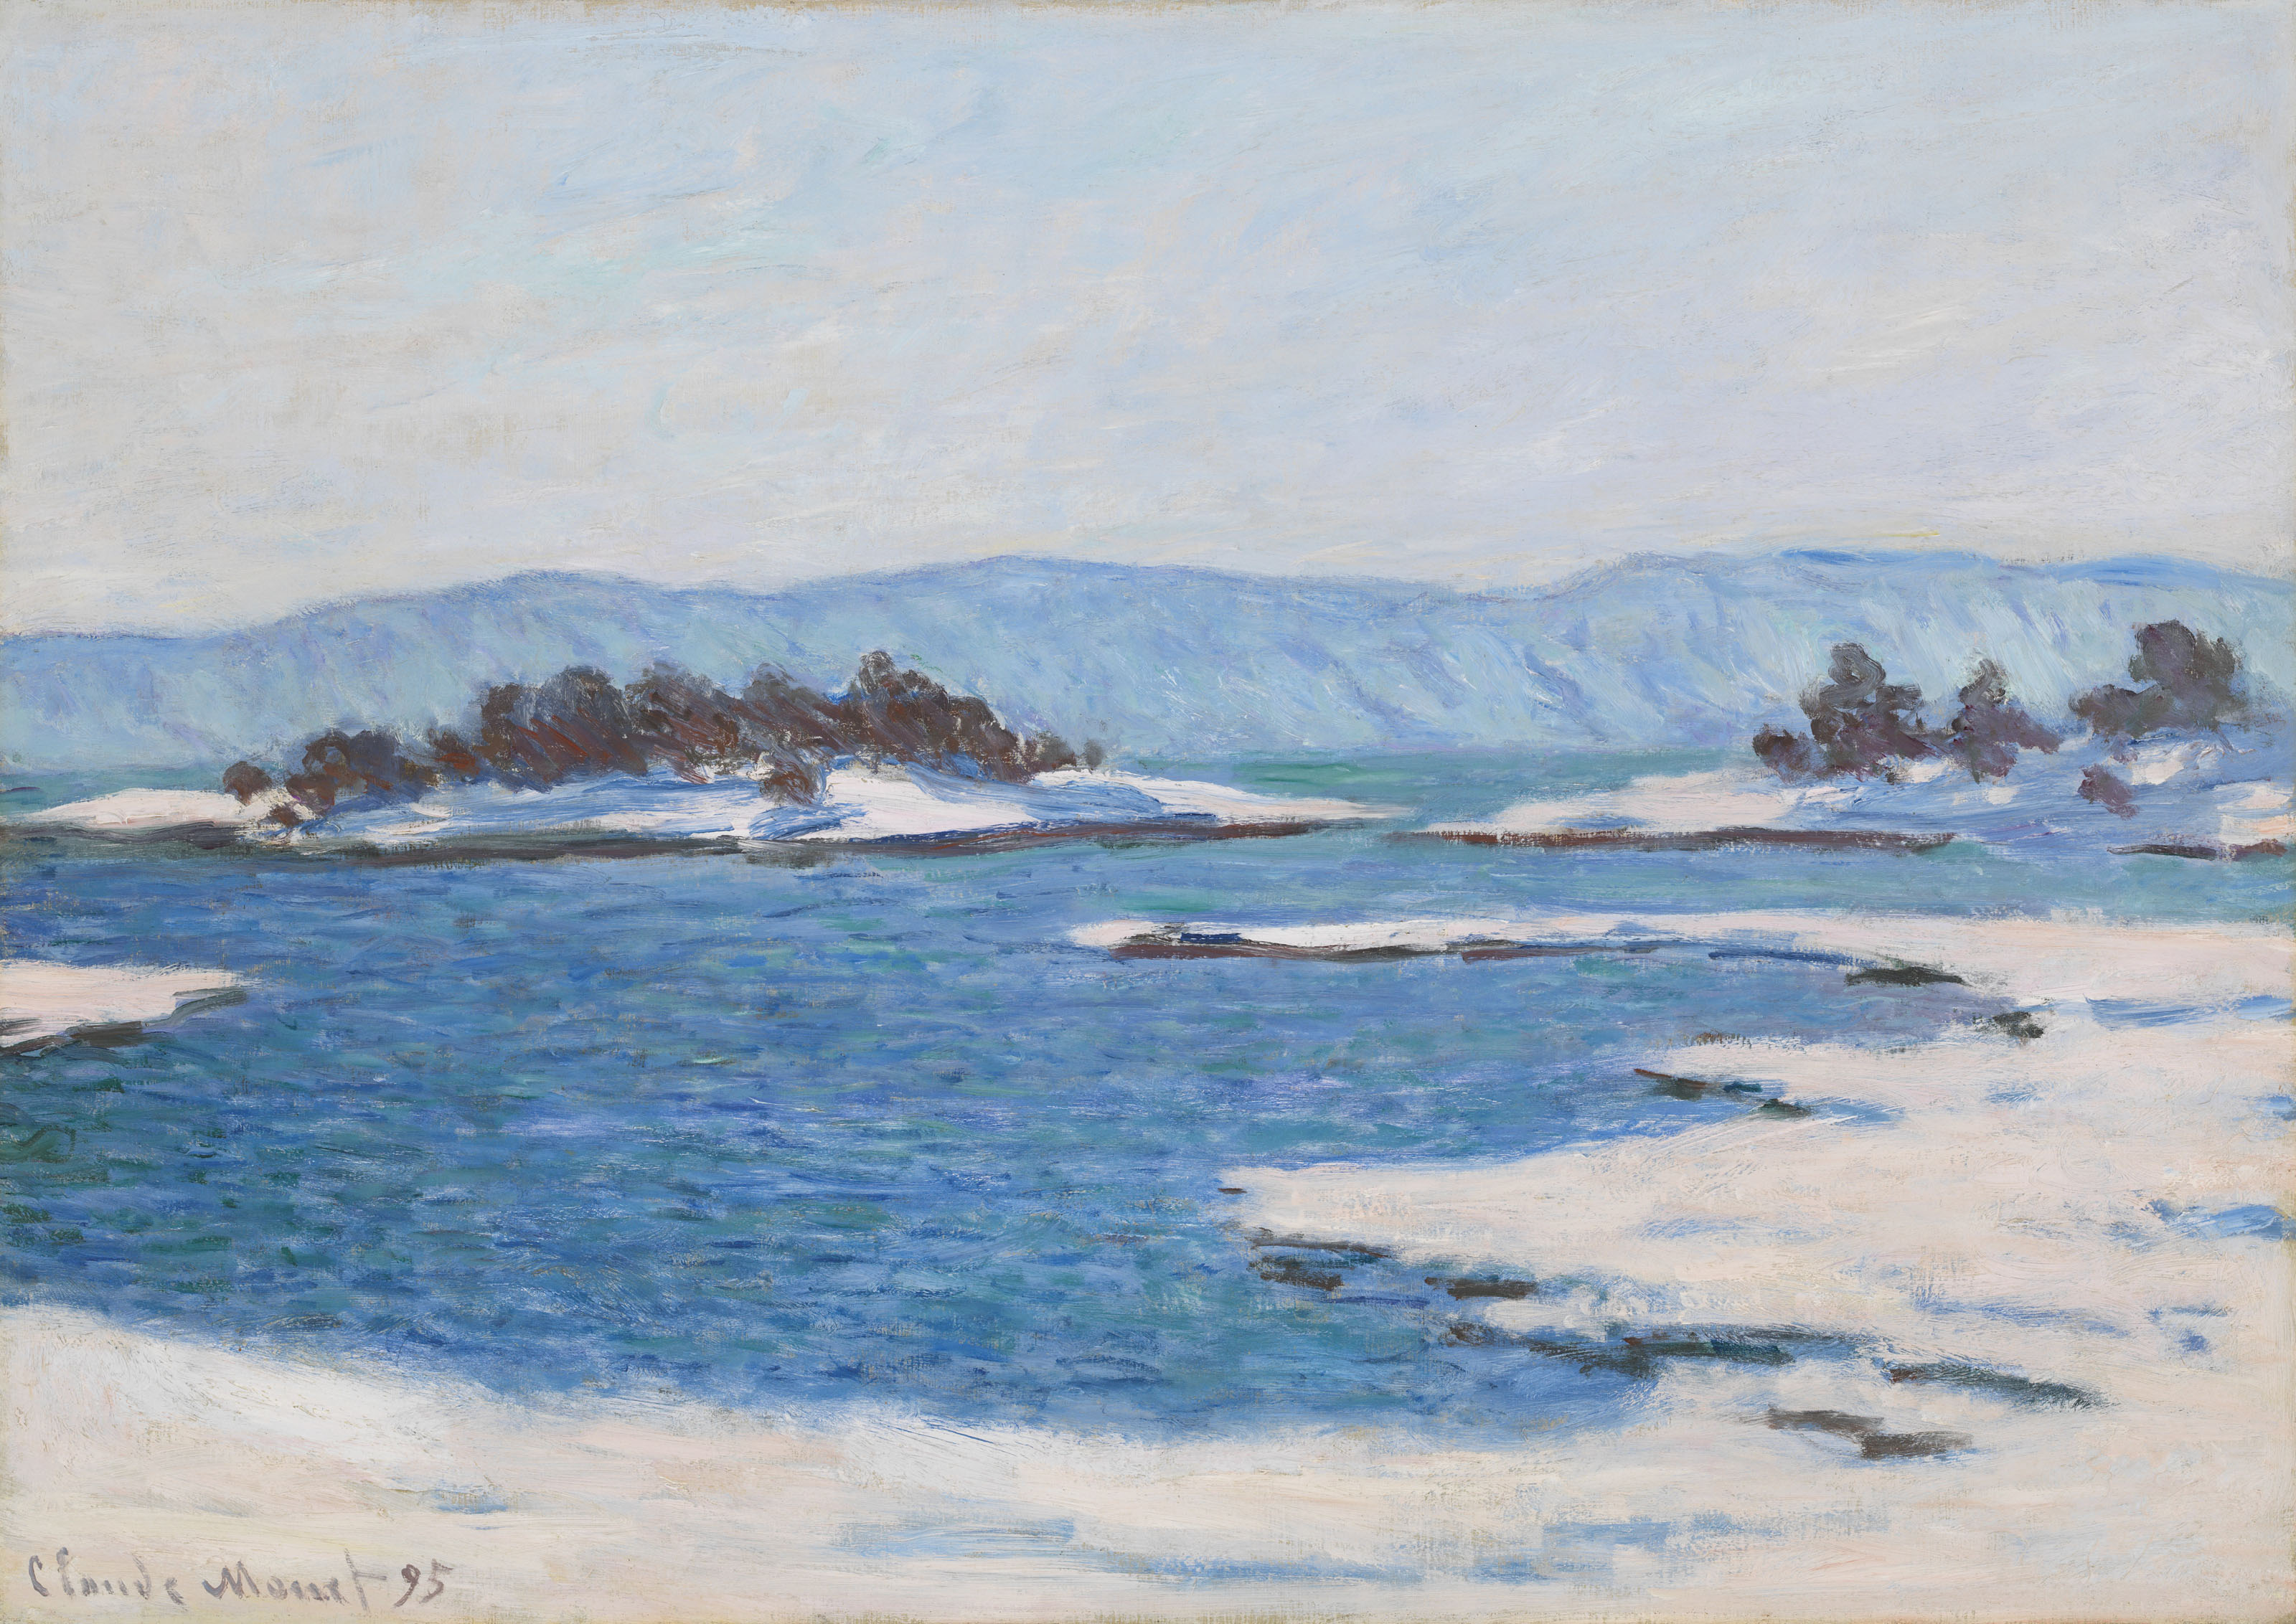 речной пейзаж < Край фьёрда, Кристиания >:: Клод Моне, описание картины - Claude Monet фото